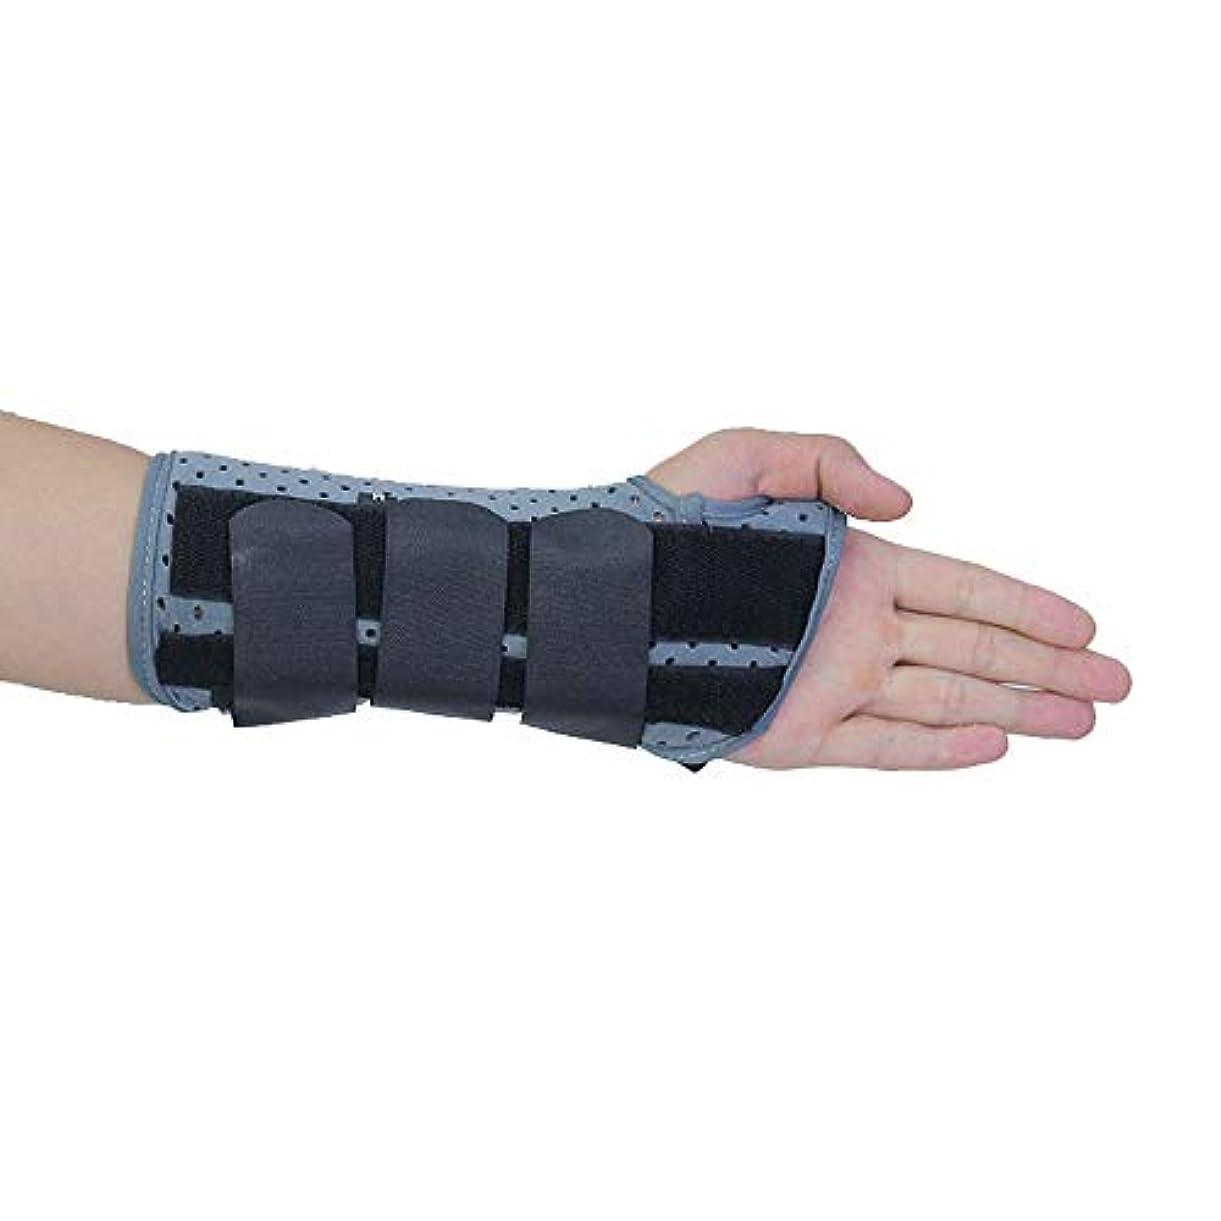 キャンバス倍率整理する手首サポートブレース-手根管副木-手根管症候群、捻Sp、腱炎、関節炎の痛みを軽減,Righthand,M